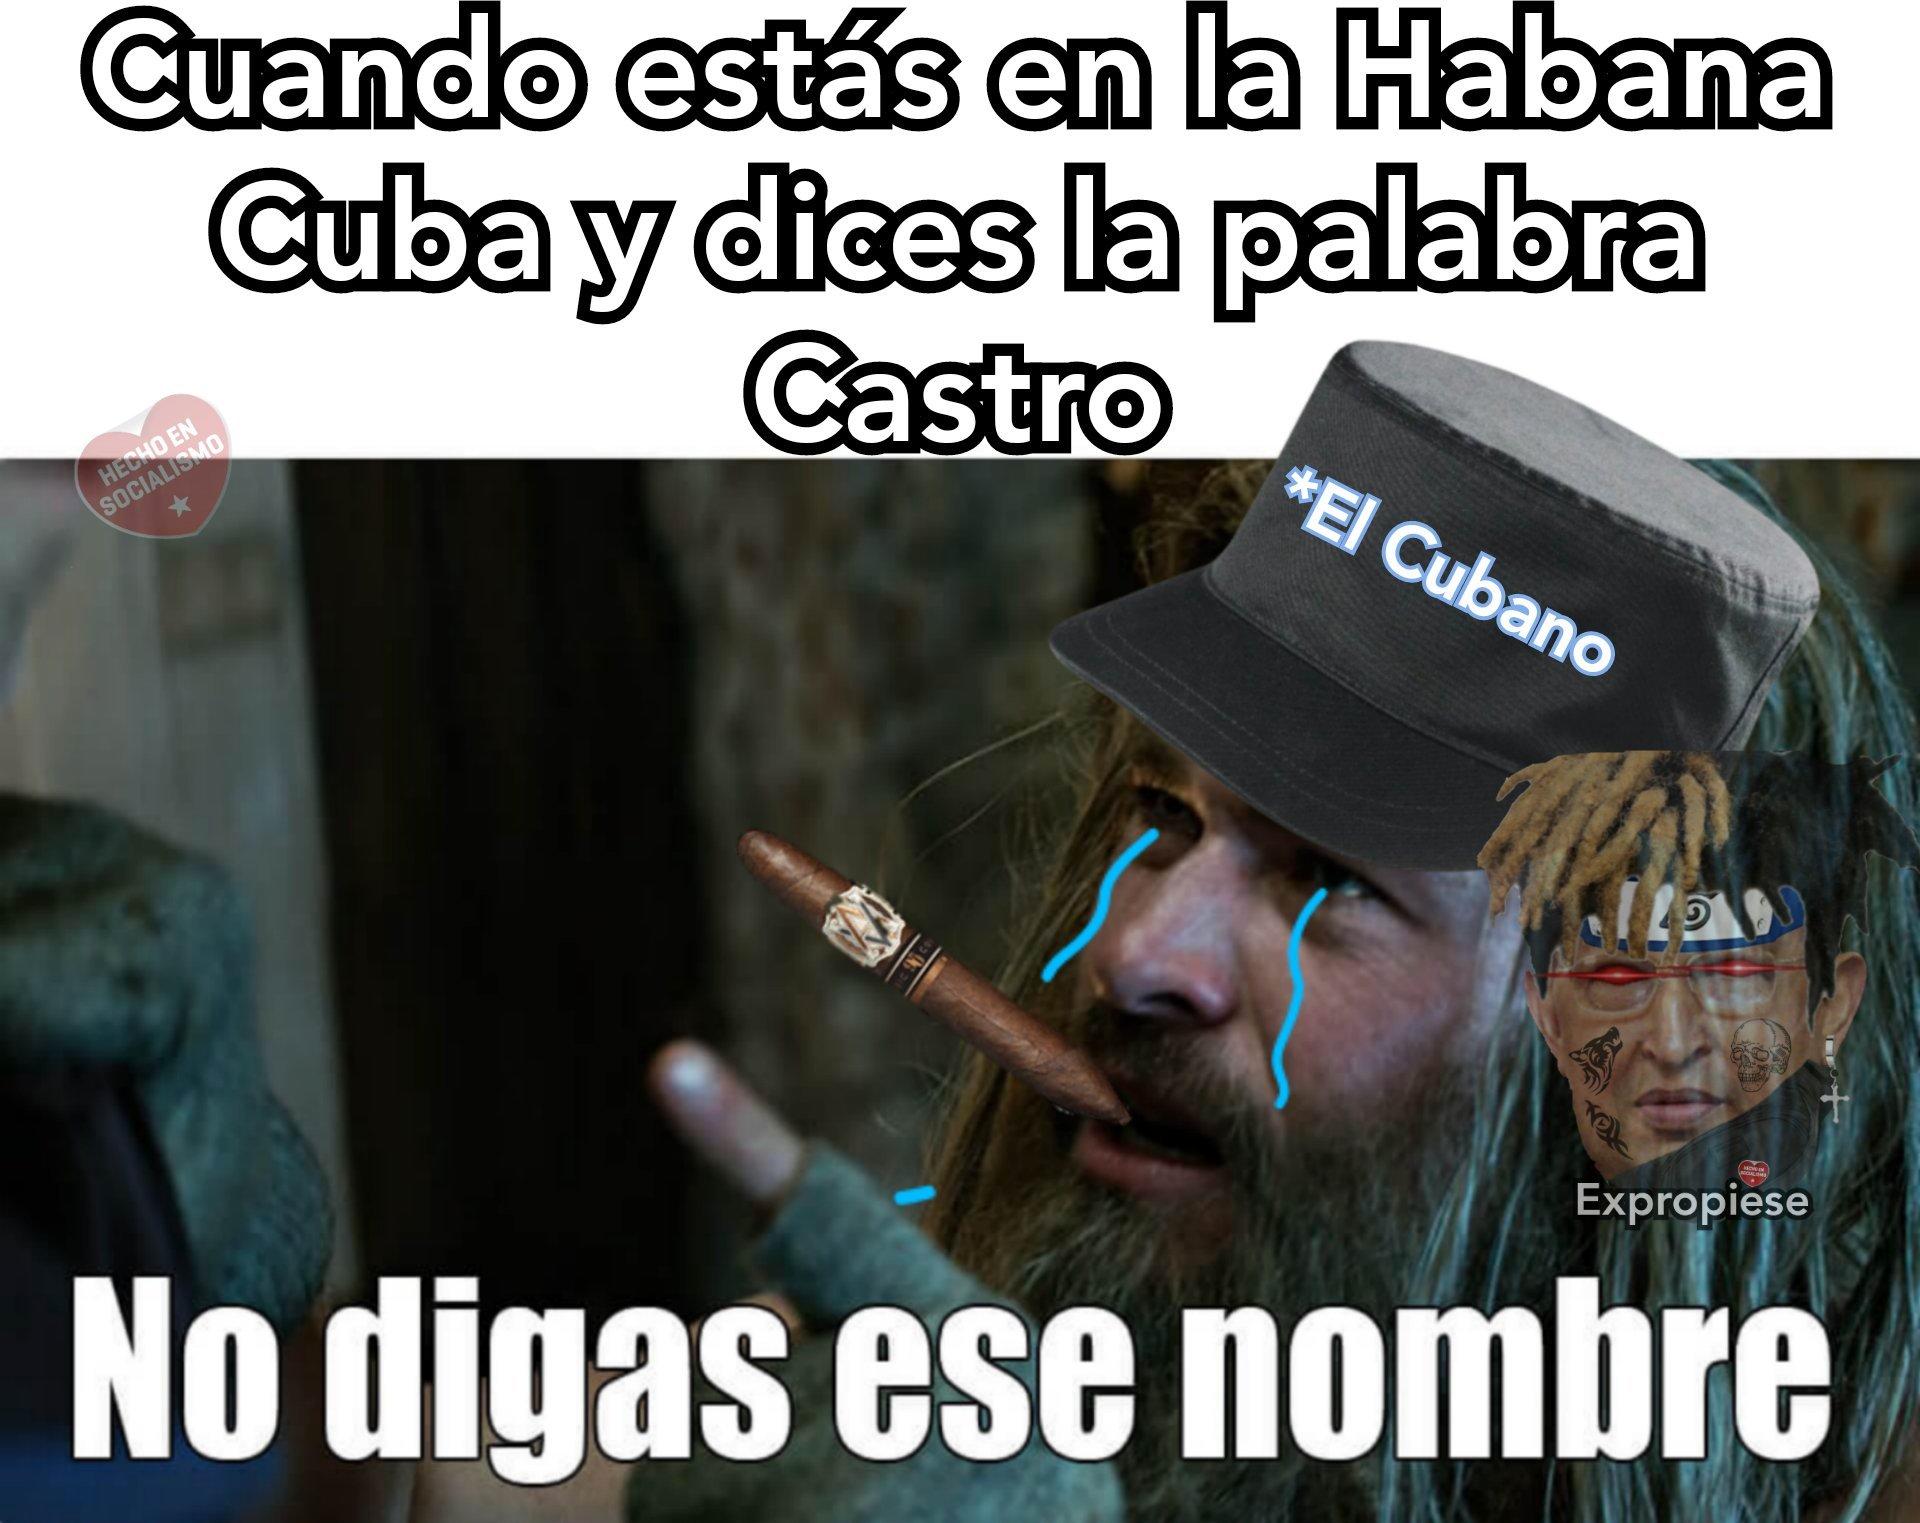 Esos Cubanos son unos crack sobrevivieron 40 años de dictadura (ノ*0*)ノ - meme